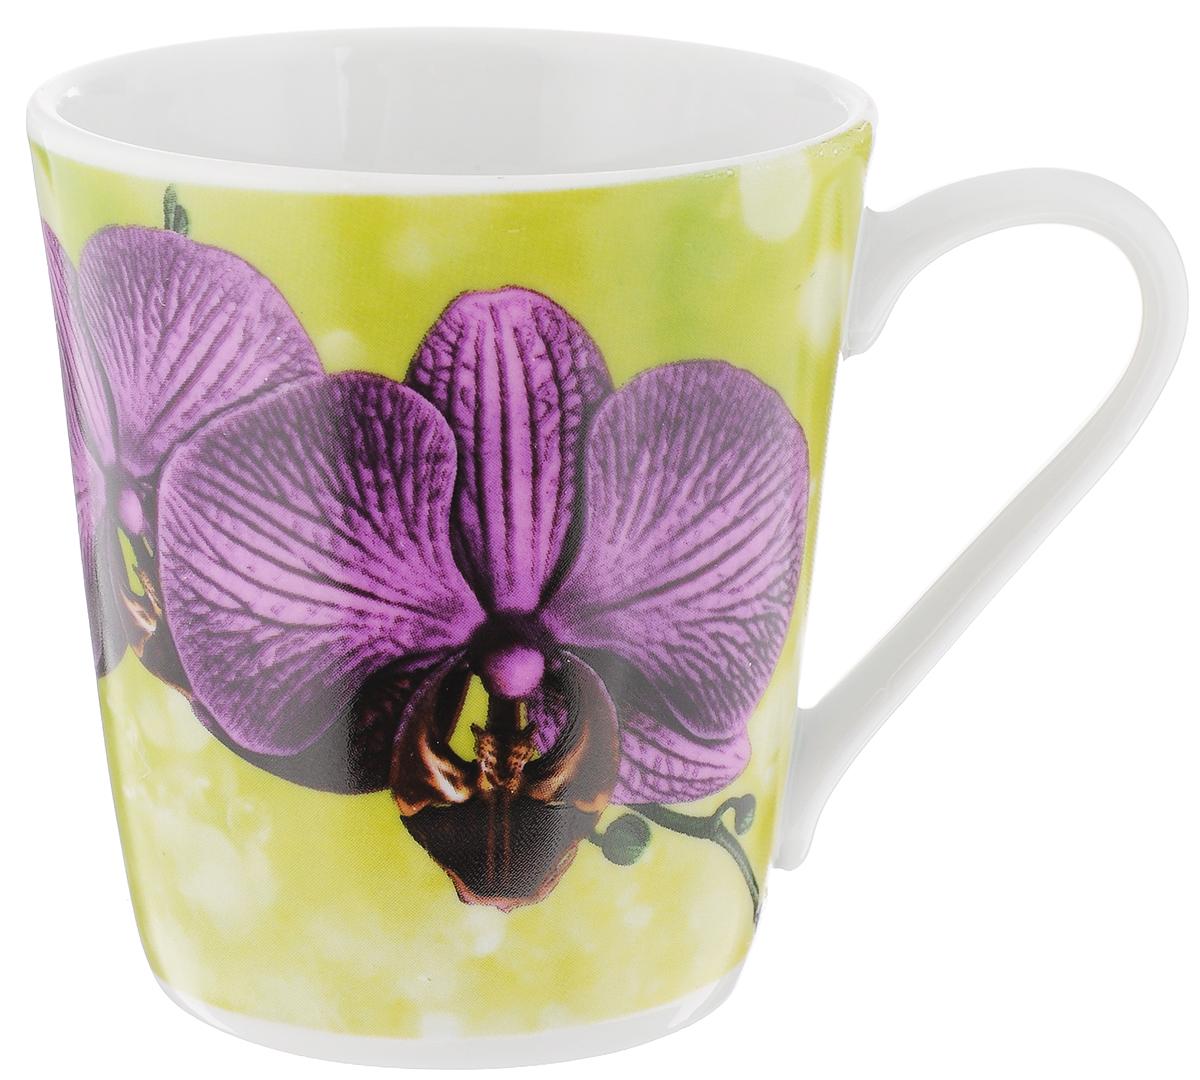 Кружка Классик. Орхидея, цвет: зеленый, фиолетовый, 300 мл3С0493Кружка Классик. Орхидея изготовлена из высококачественного фарфора. Изделие оформлено красочным цветочным рисунком и покрыто превосходной сверкающей глазурью. Изысканная кружка прекрасно оформит стол к чаепитию и станет его неизменным атрибутом. Диаметр кружки (по верхнему краю): 8,5 см. Высота стенок: 9,5 см.